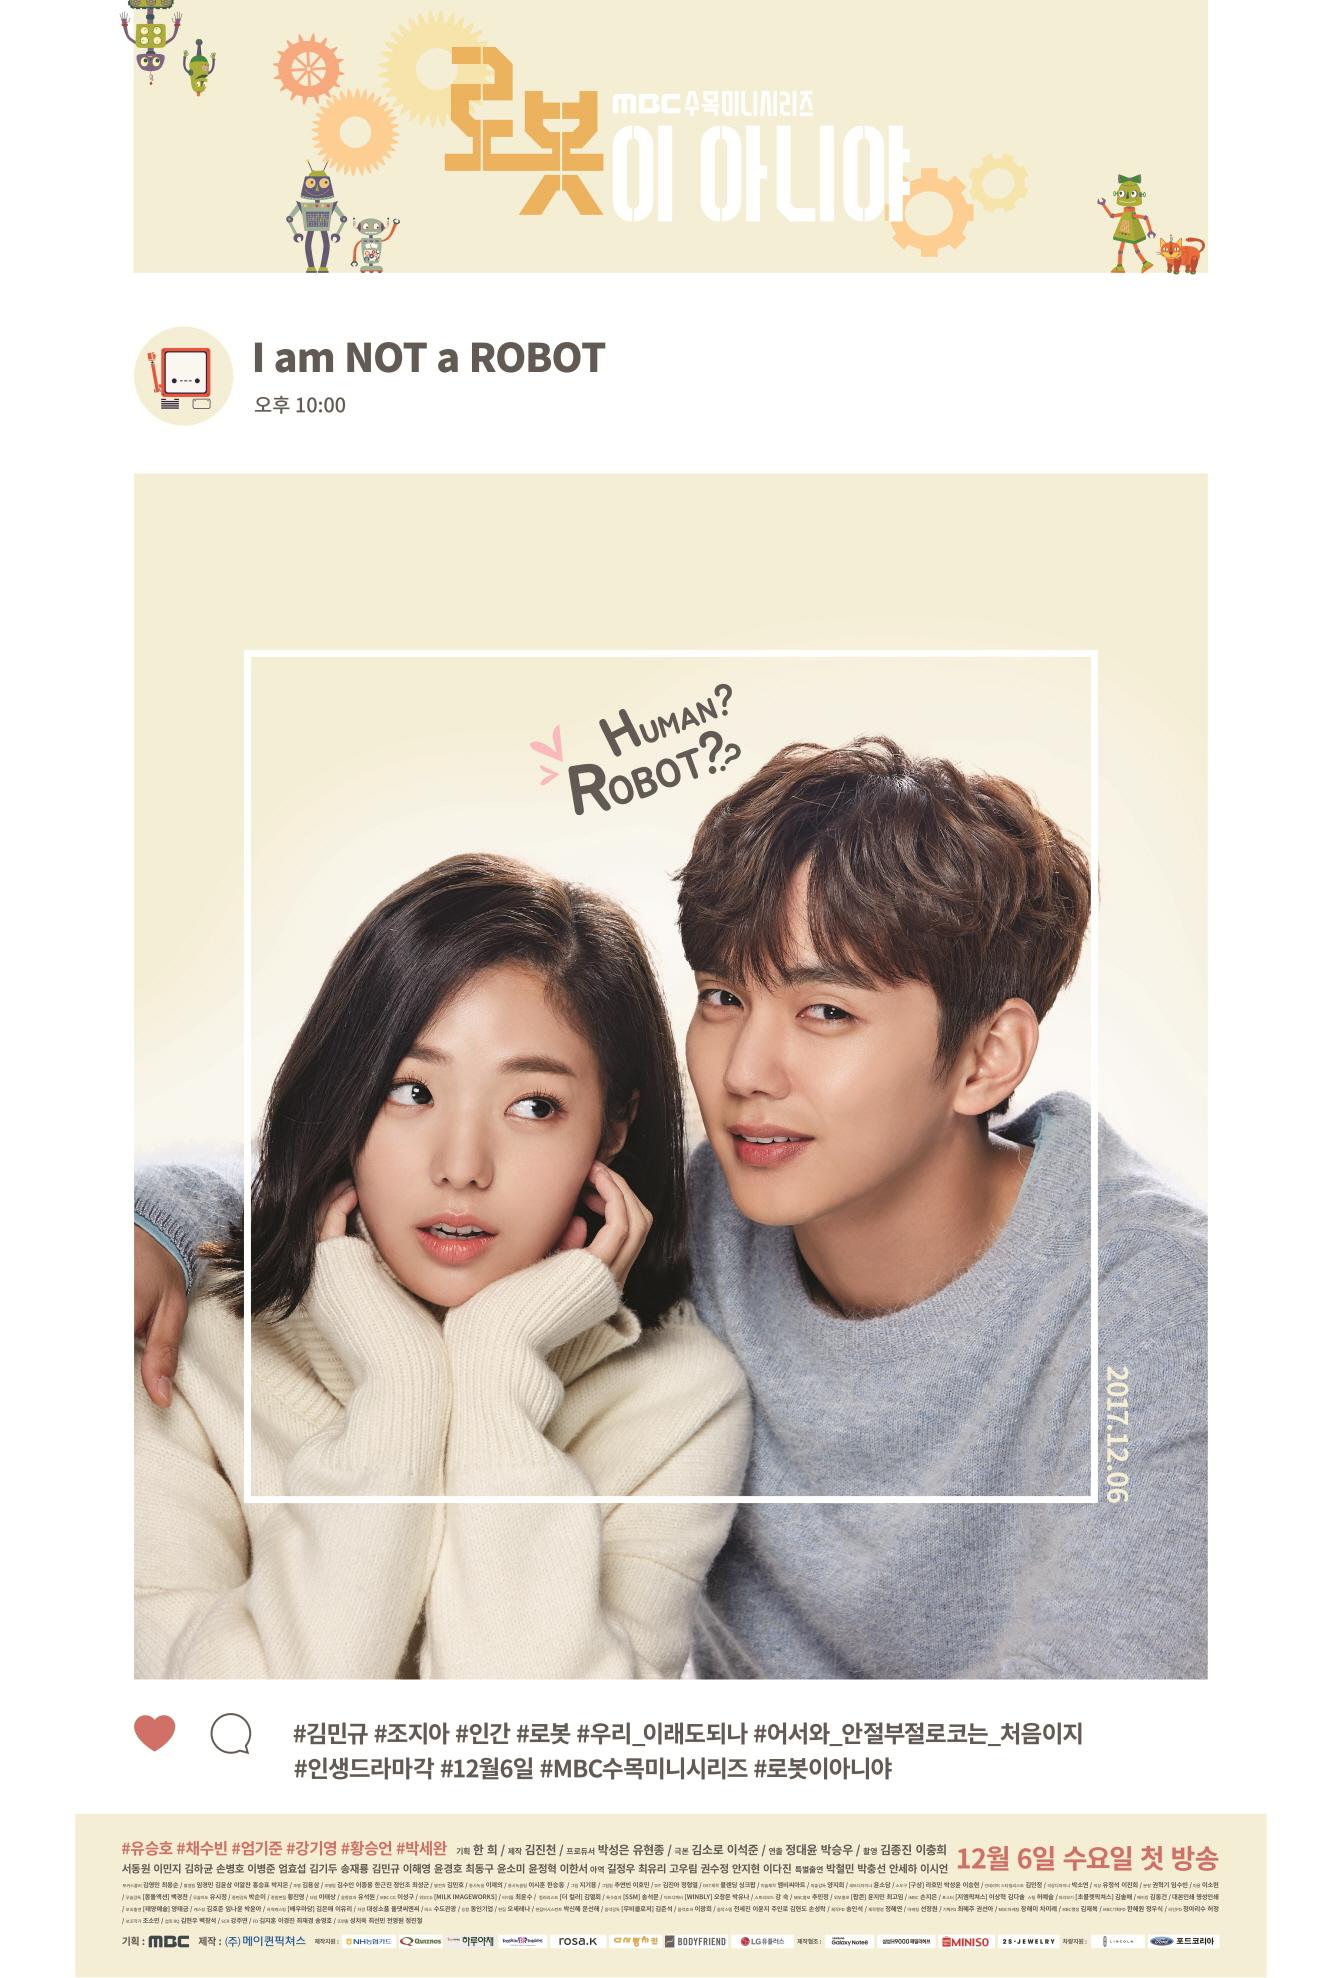 <로봇이 아니야> 메인 포스터 2종 공개! 유승호-채수빈, 순정만화 비주얼 '훈훈'